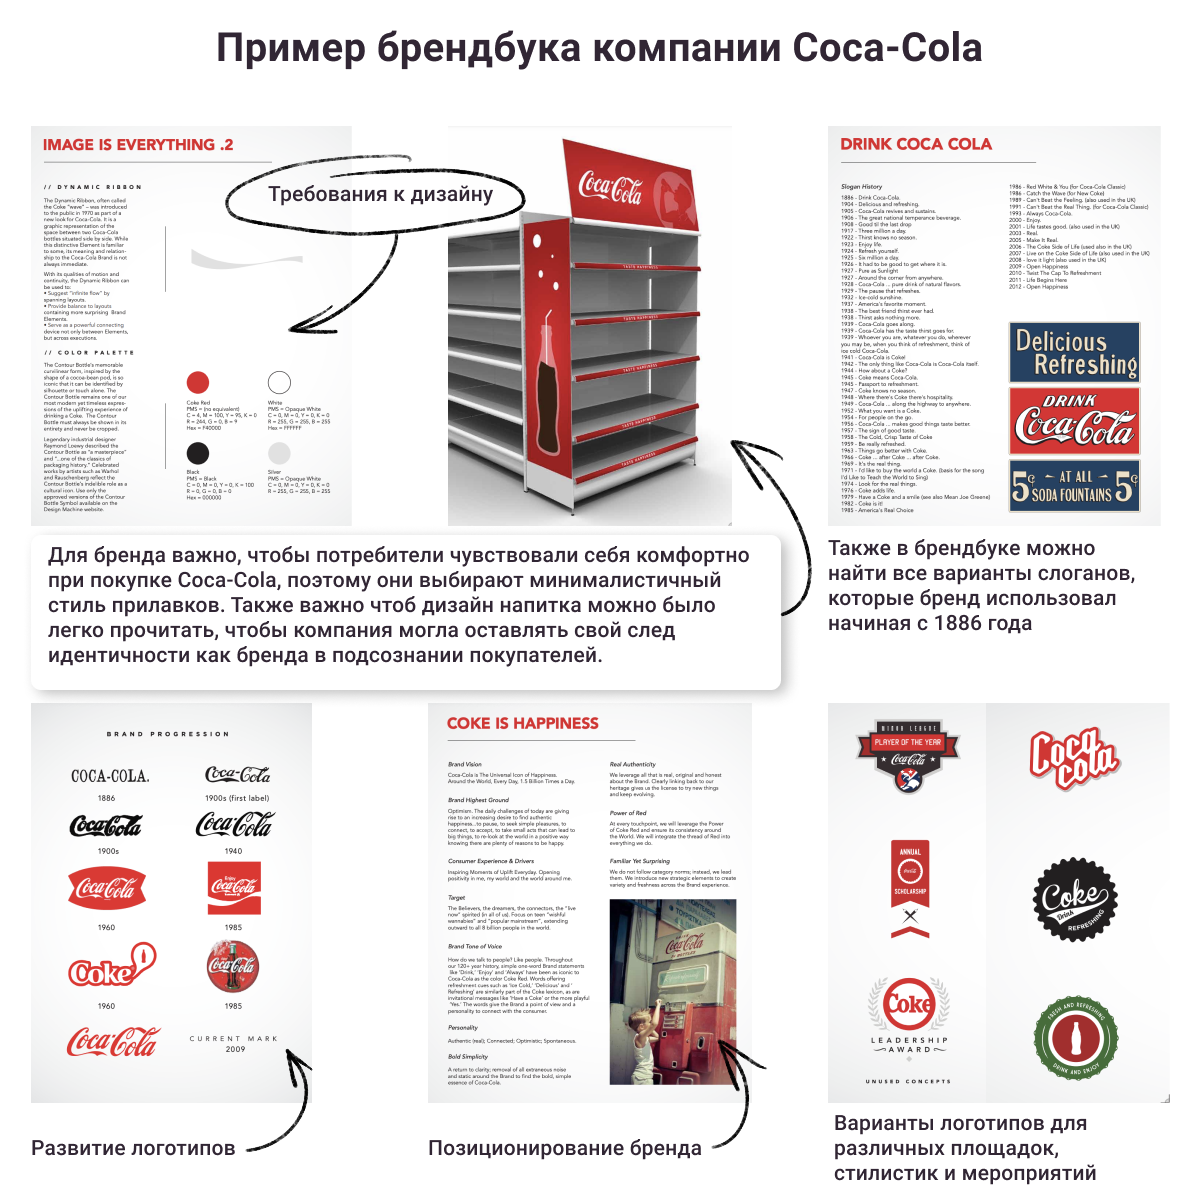 Пример брендбука компании: Coca-Cola